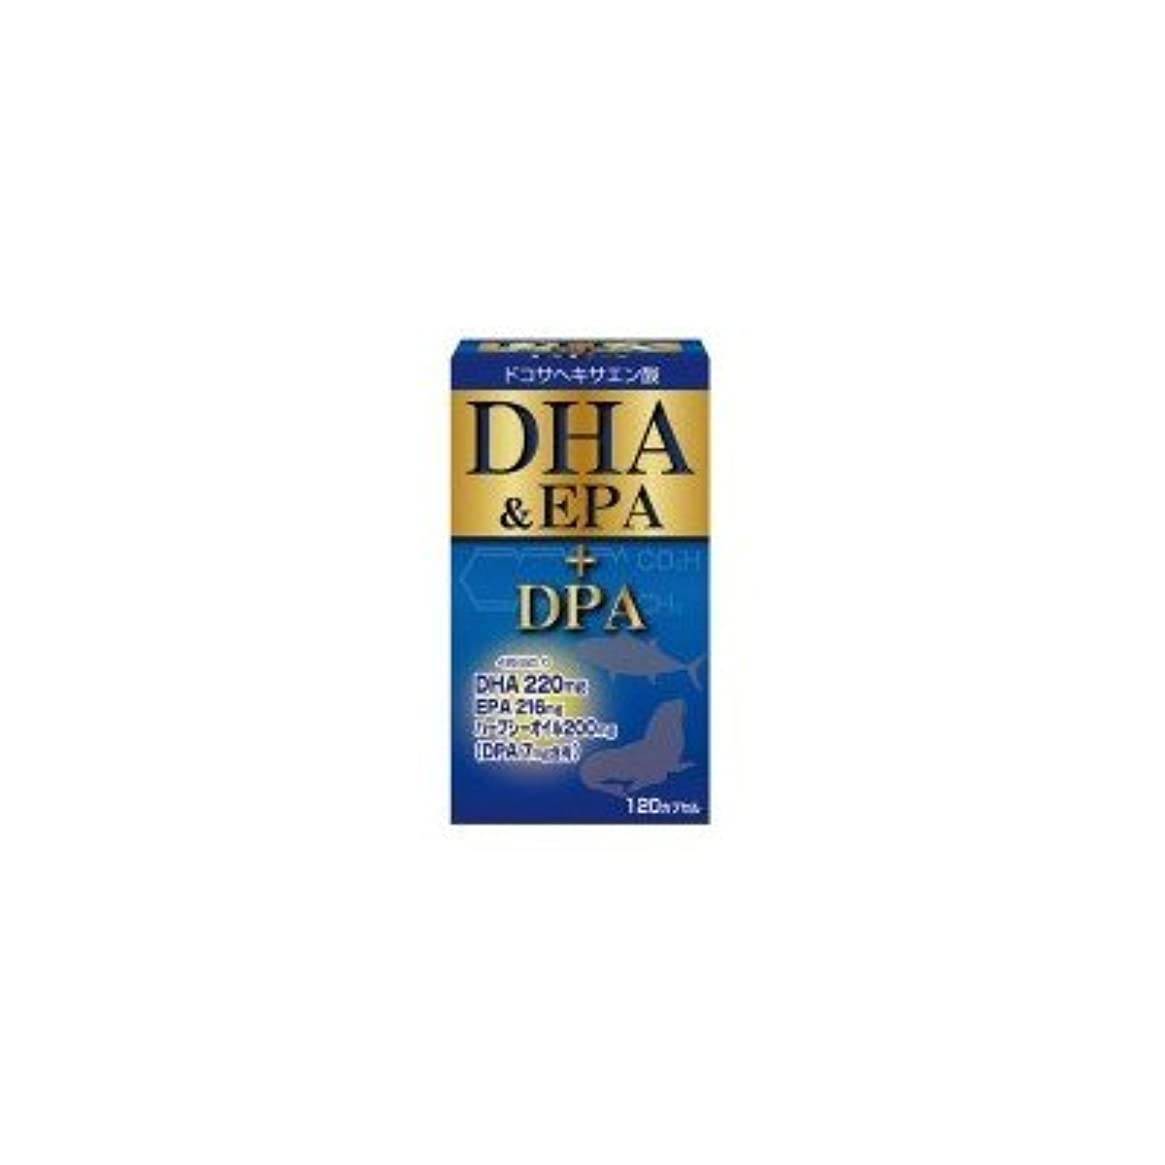 溢れんばかりのミリメートル続けるユーワ DHA&EPA+DPA 120カプセル (品番:3091)